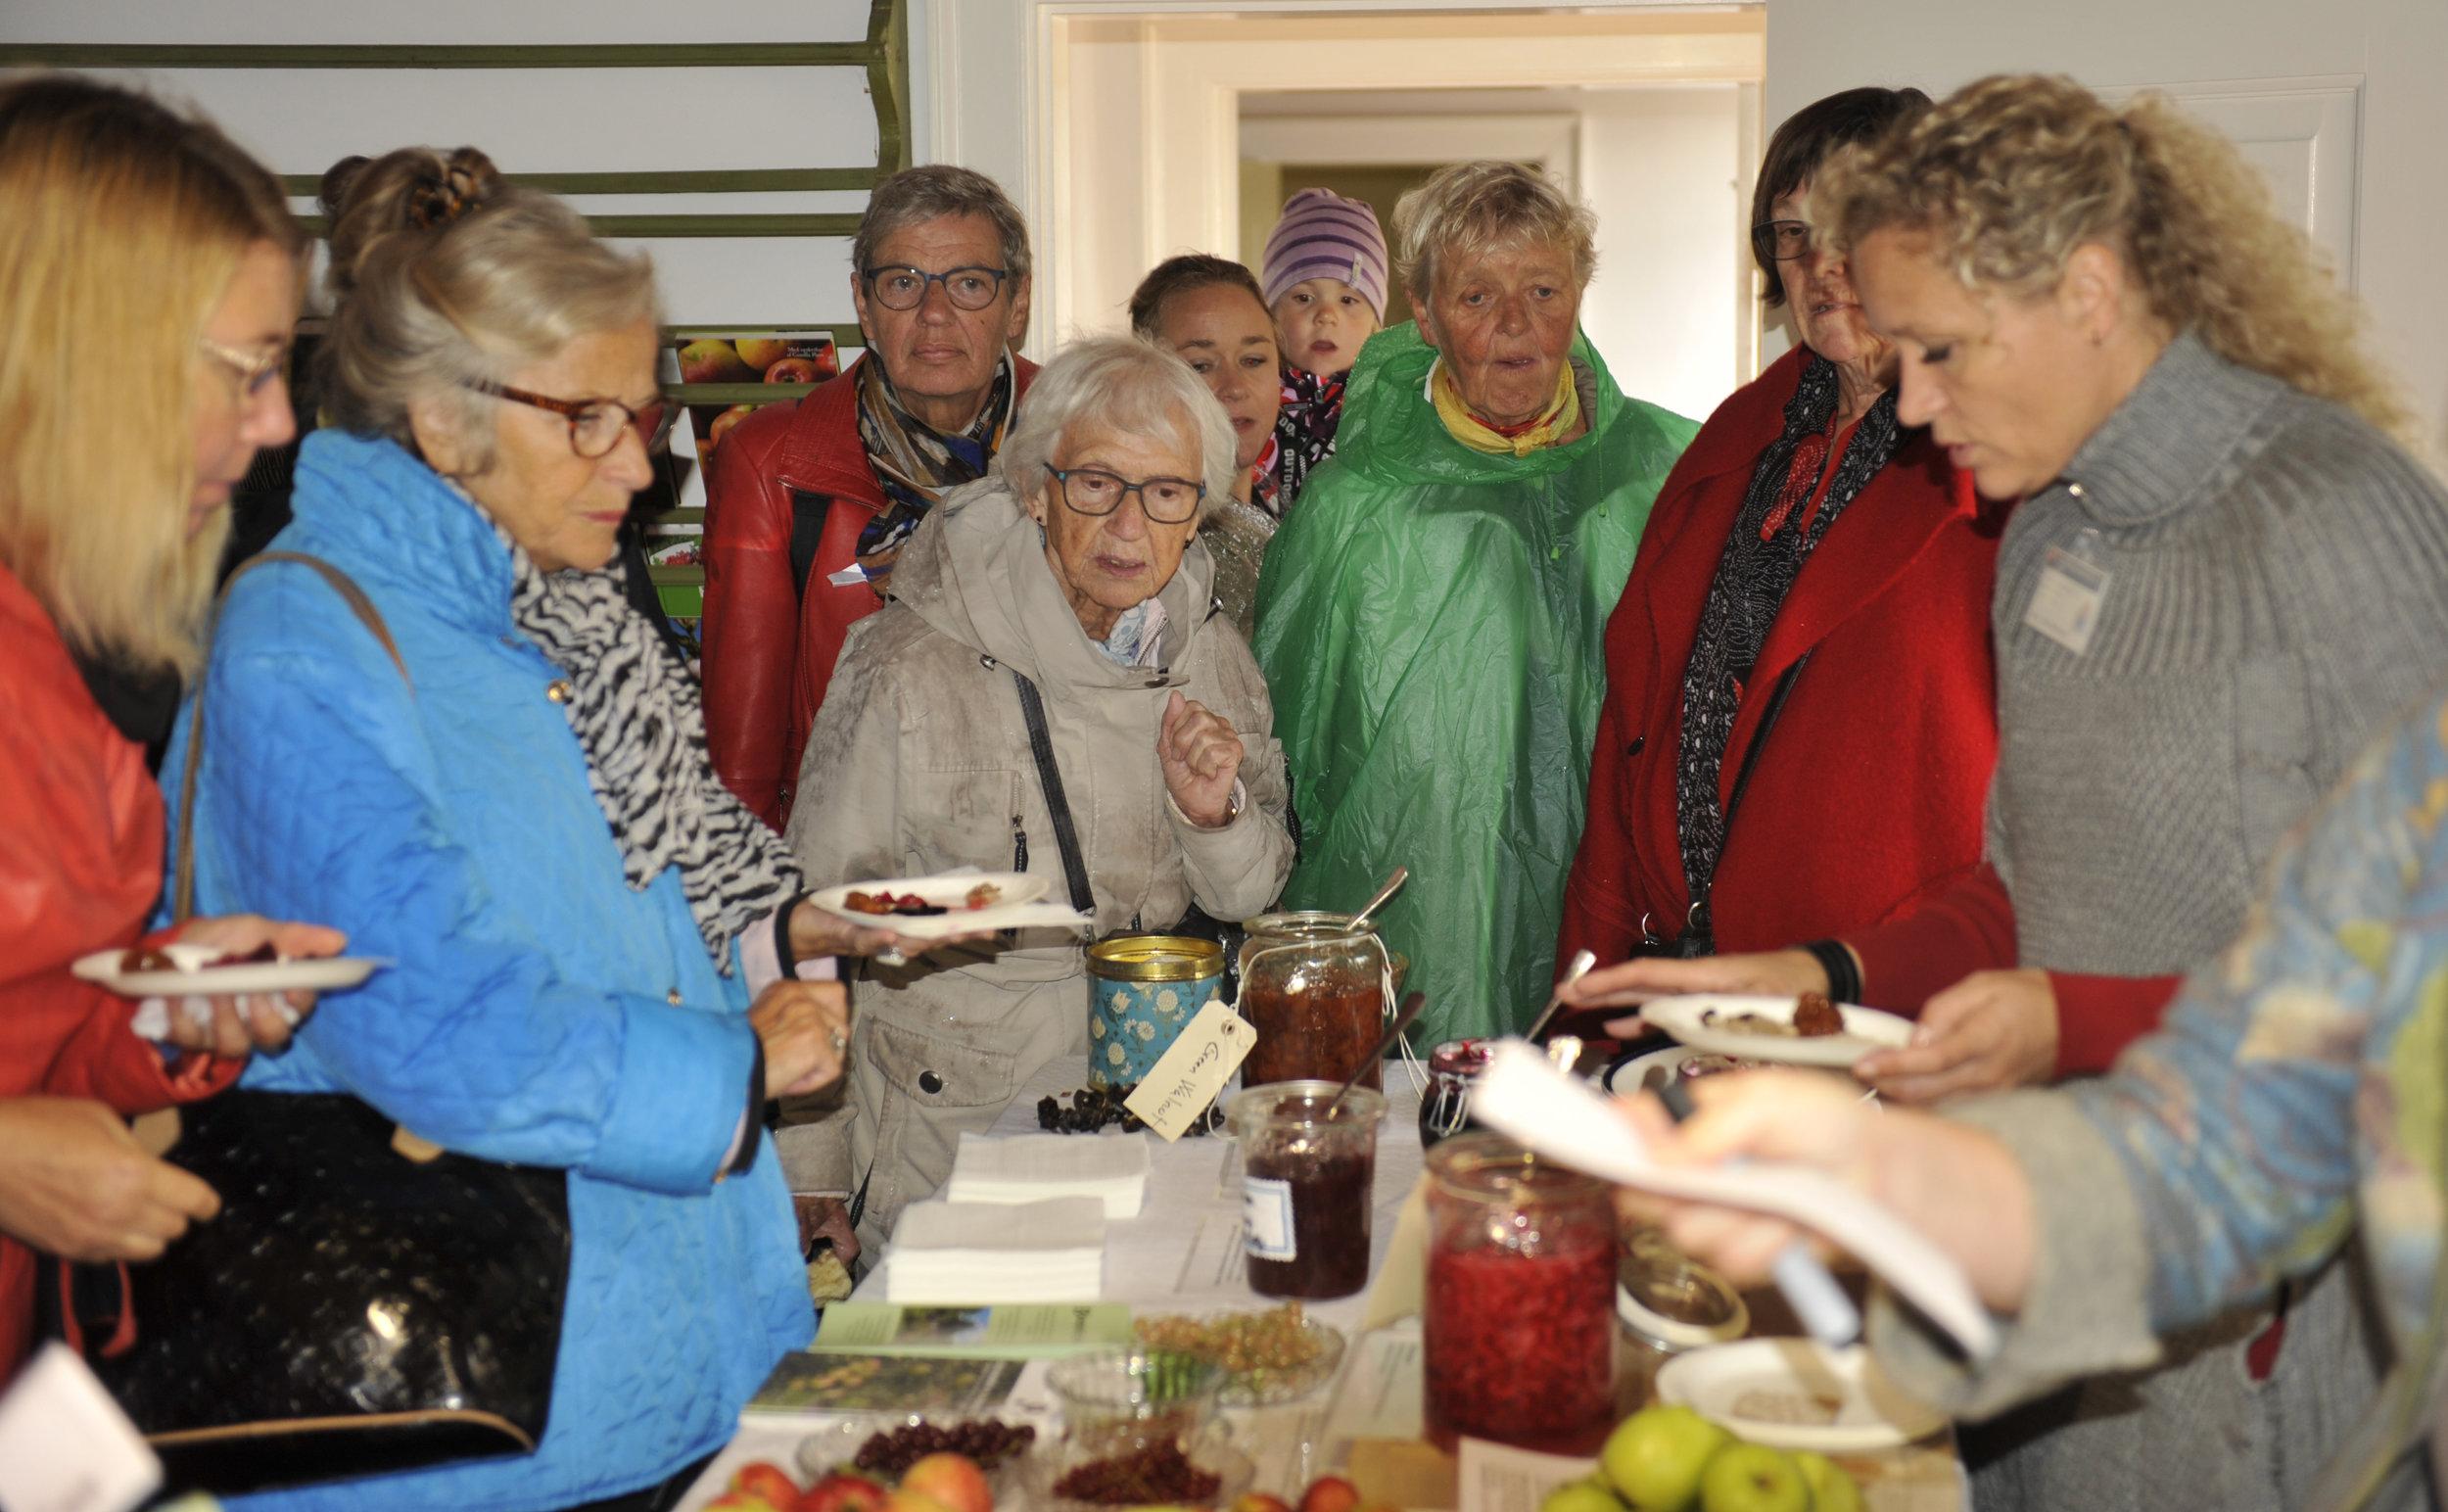 Uddeling af gratis smagsprøver Gamle Sorters Dage. Foto: Anker Tiedemann 2015